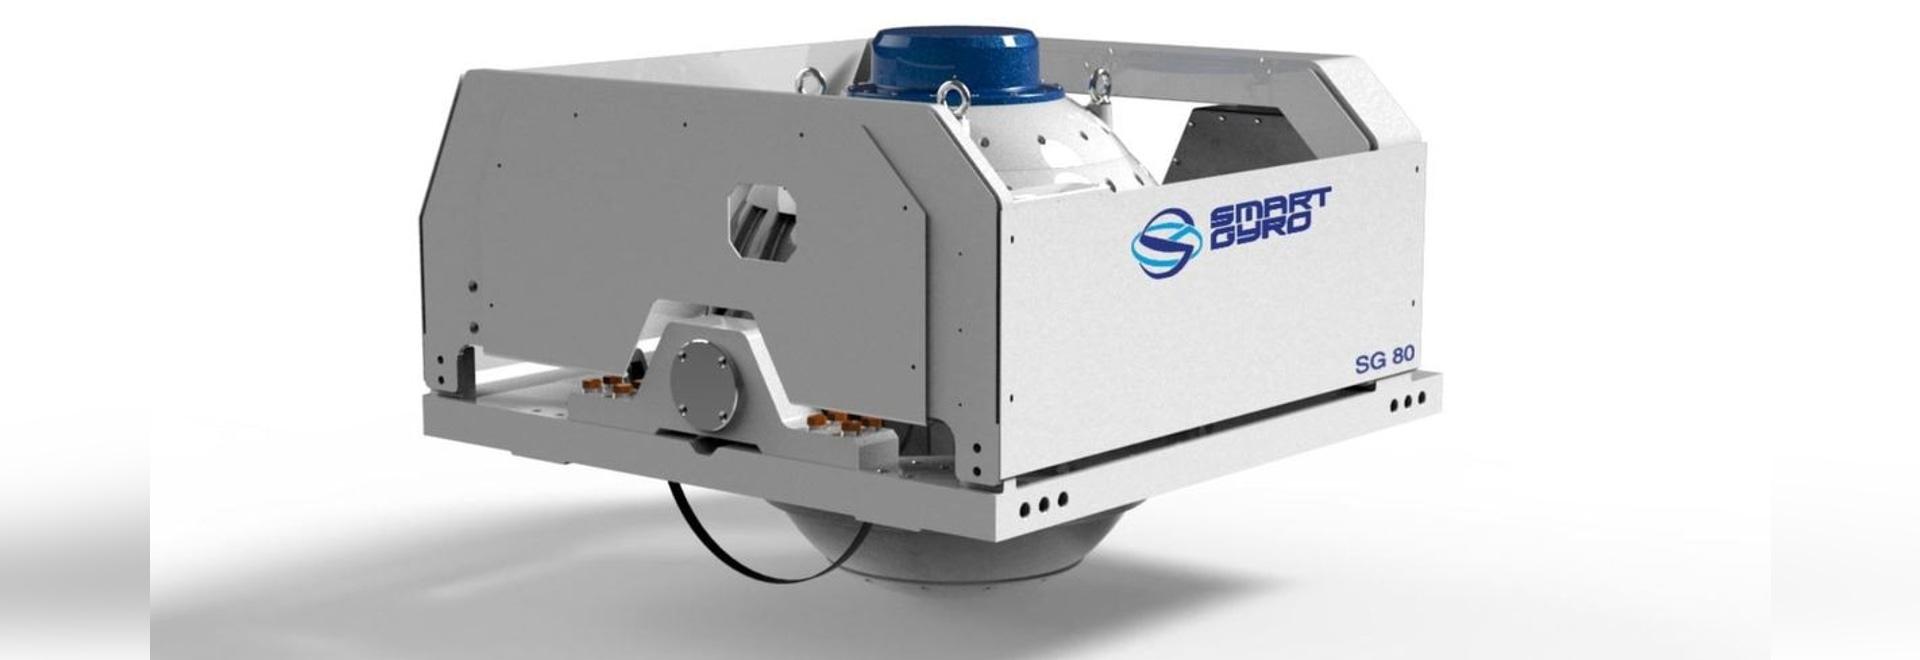 Gyro stabilization - Yanmar takes control of Smartgyro srl